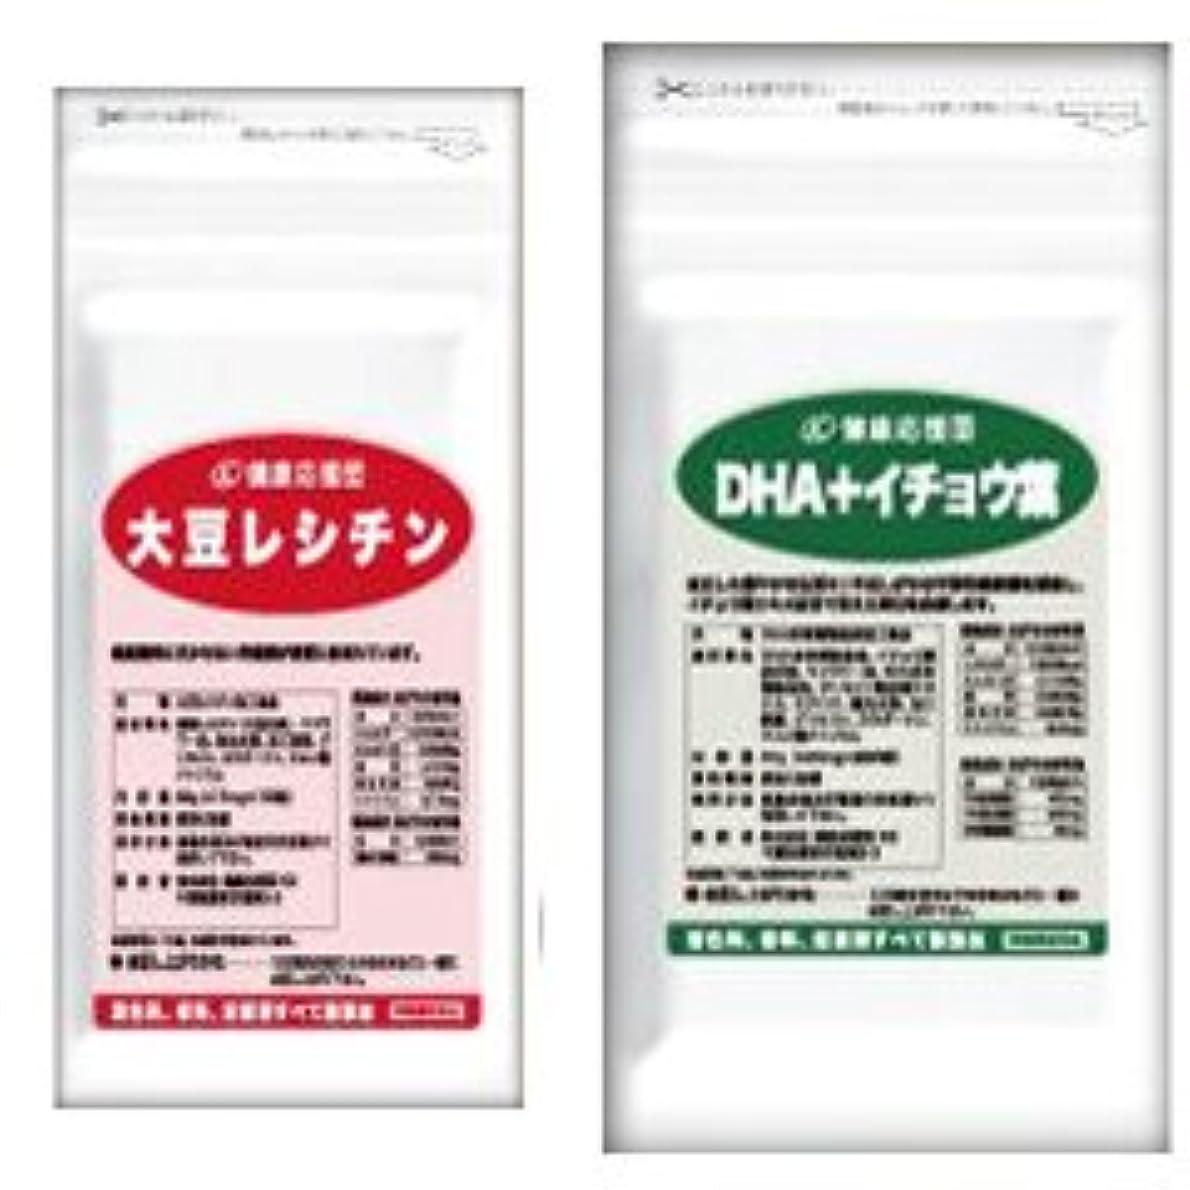 嵐が丘愛情深いジャンプ(お徳用3か月分)流れサラサラセット 大豆レシチン+(DHA+イチョウ葉)3袋&3袋セット(DHA?EPA?イチョウ葉)